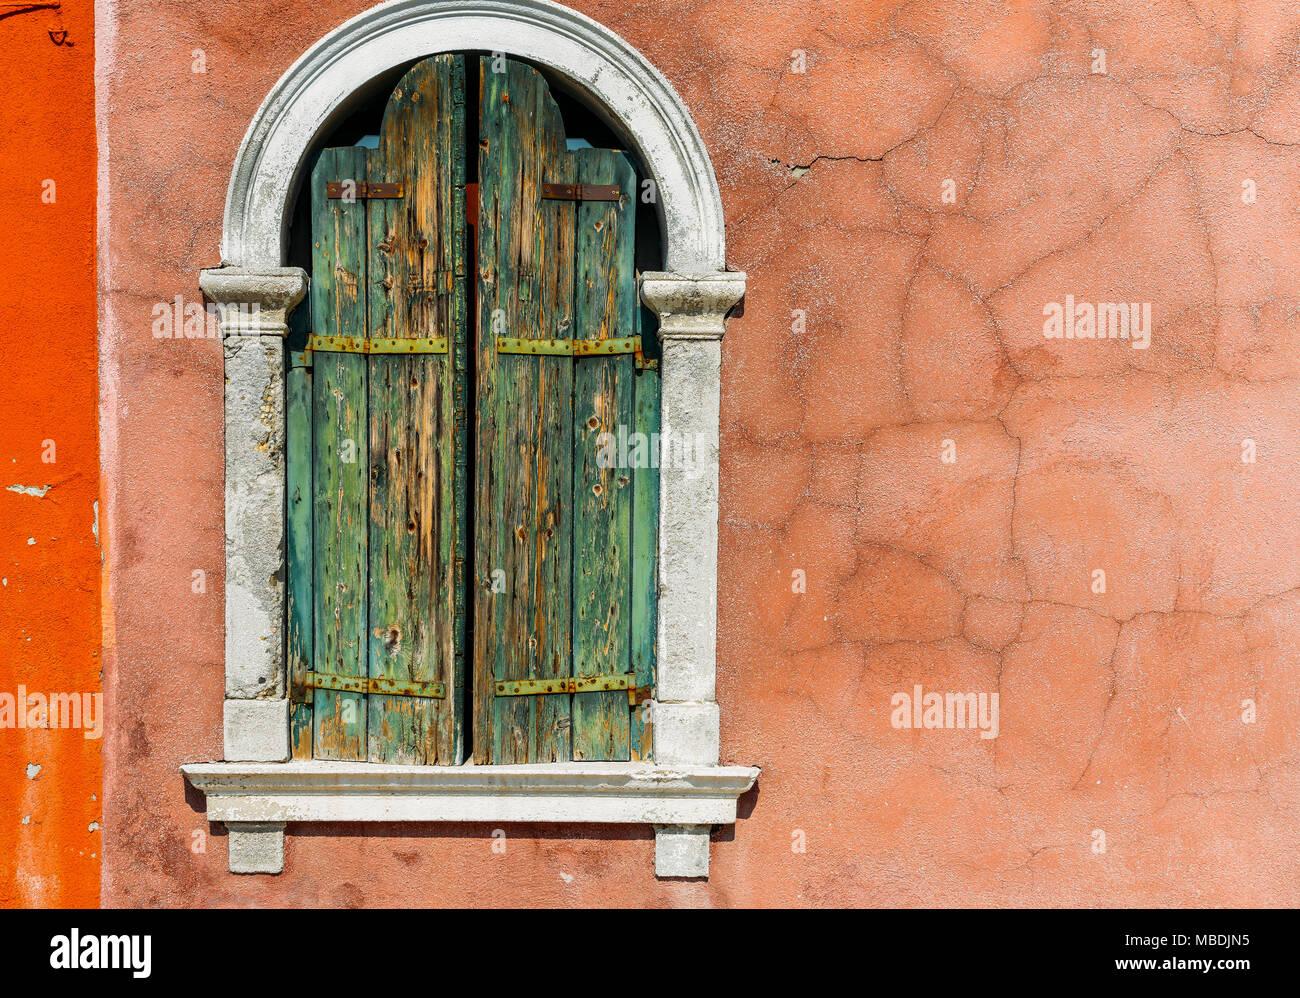 Suchen, um sich an einem alten Stuck Fensterrahmen in Licht getaucht ...